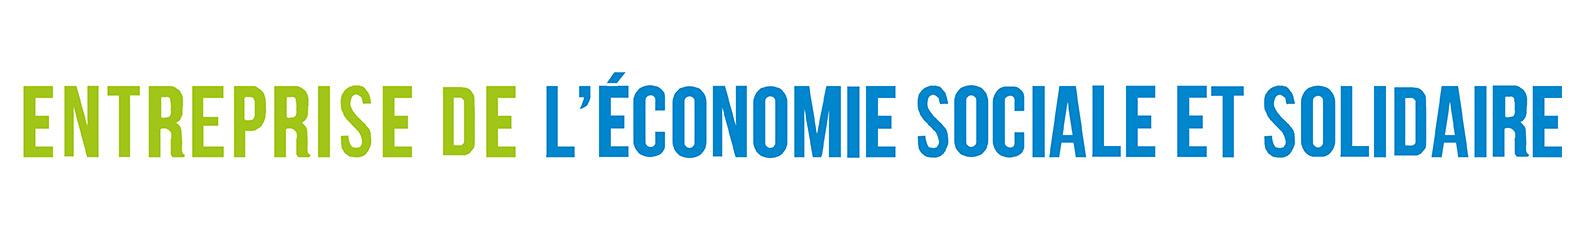 logo entreprise de l'économie sociale et solidaire